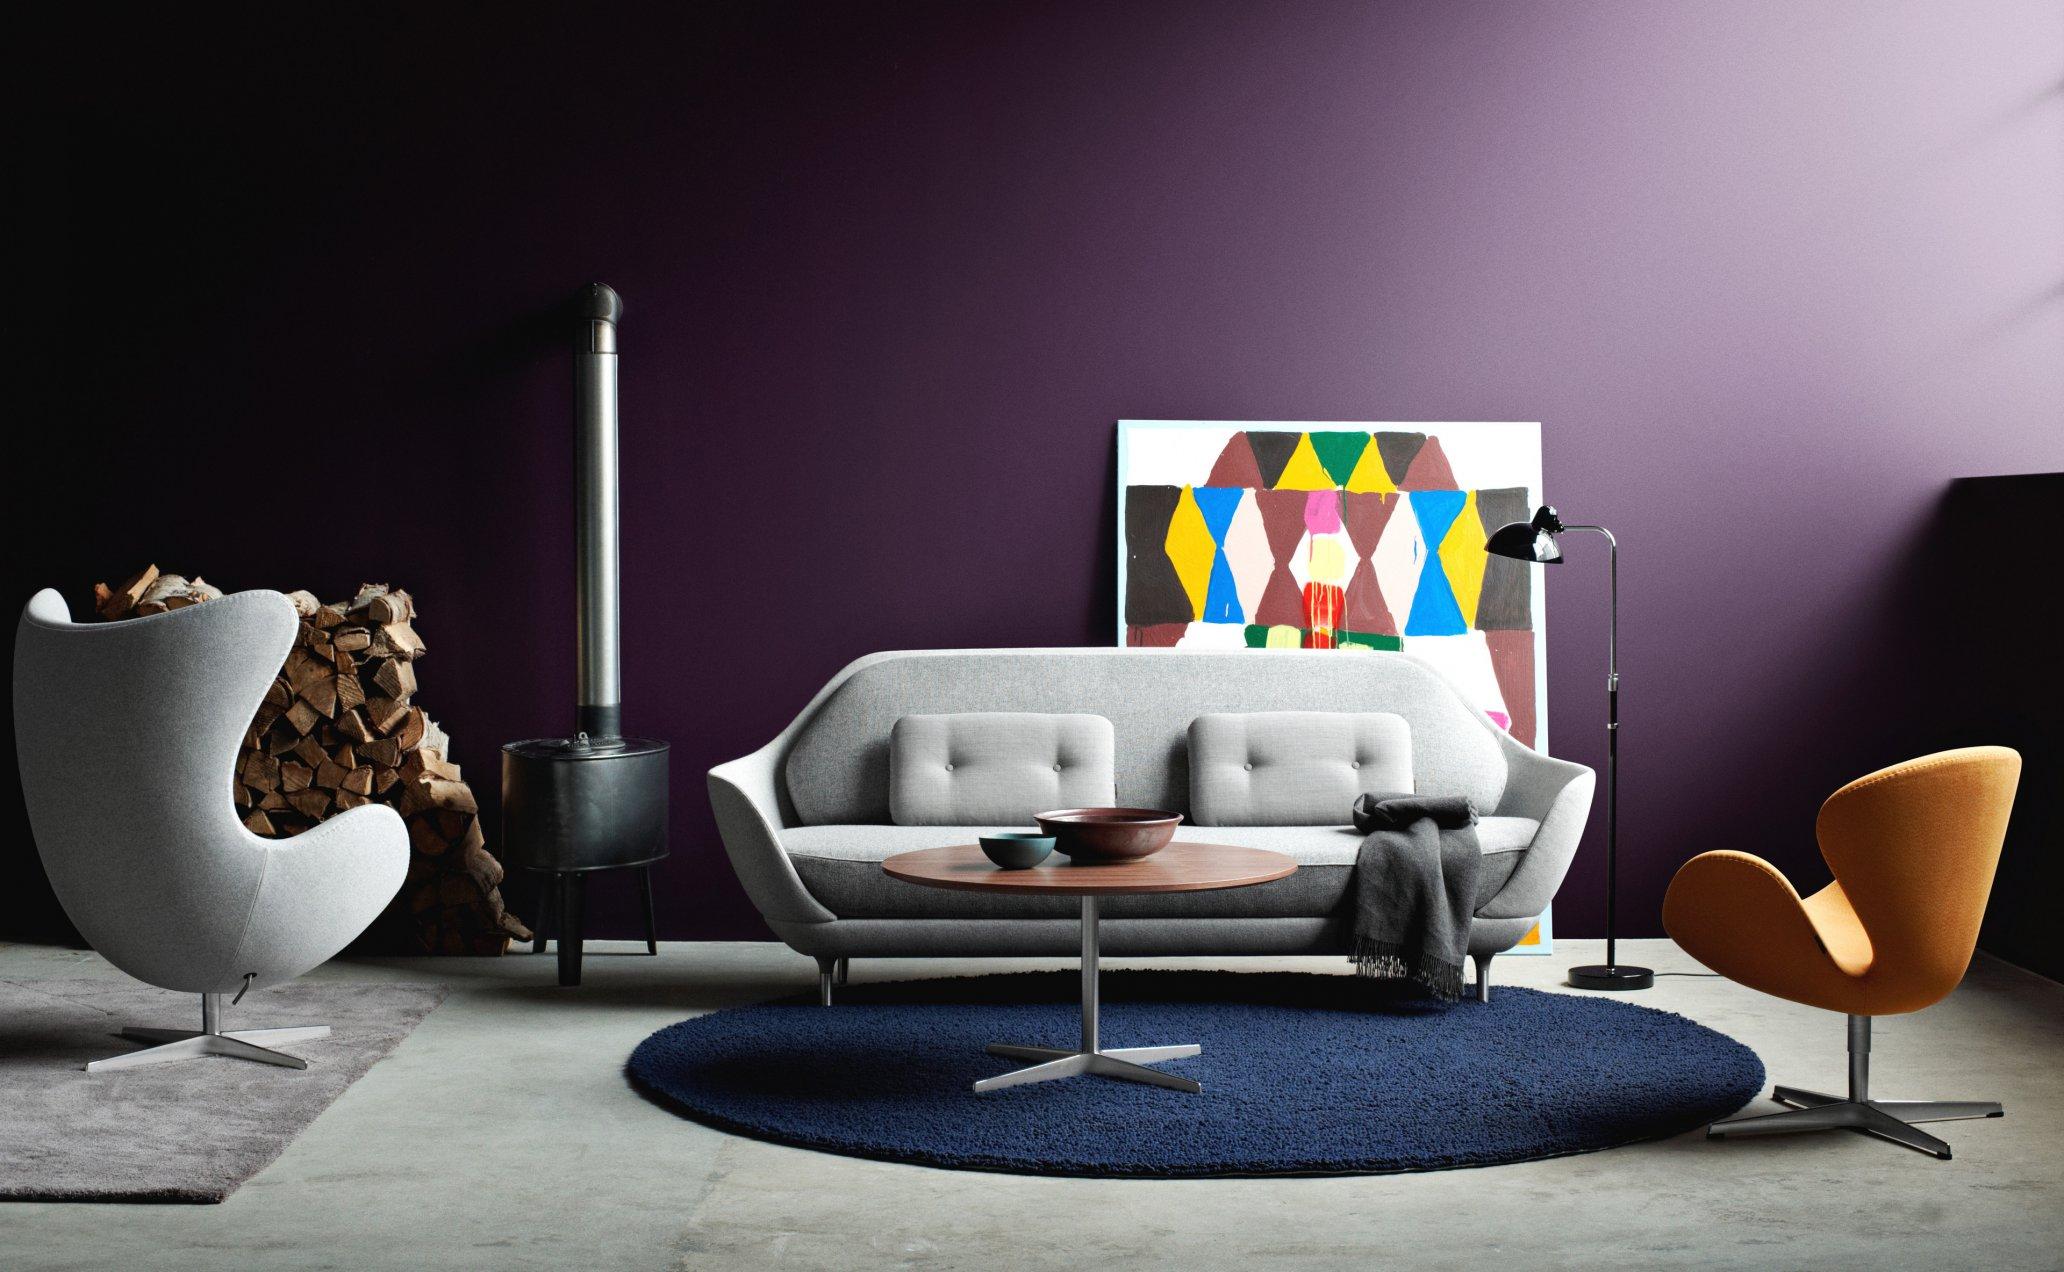 design seating design from. Black Bedroom Furniture Sets. Home Design Ideas